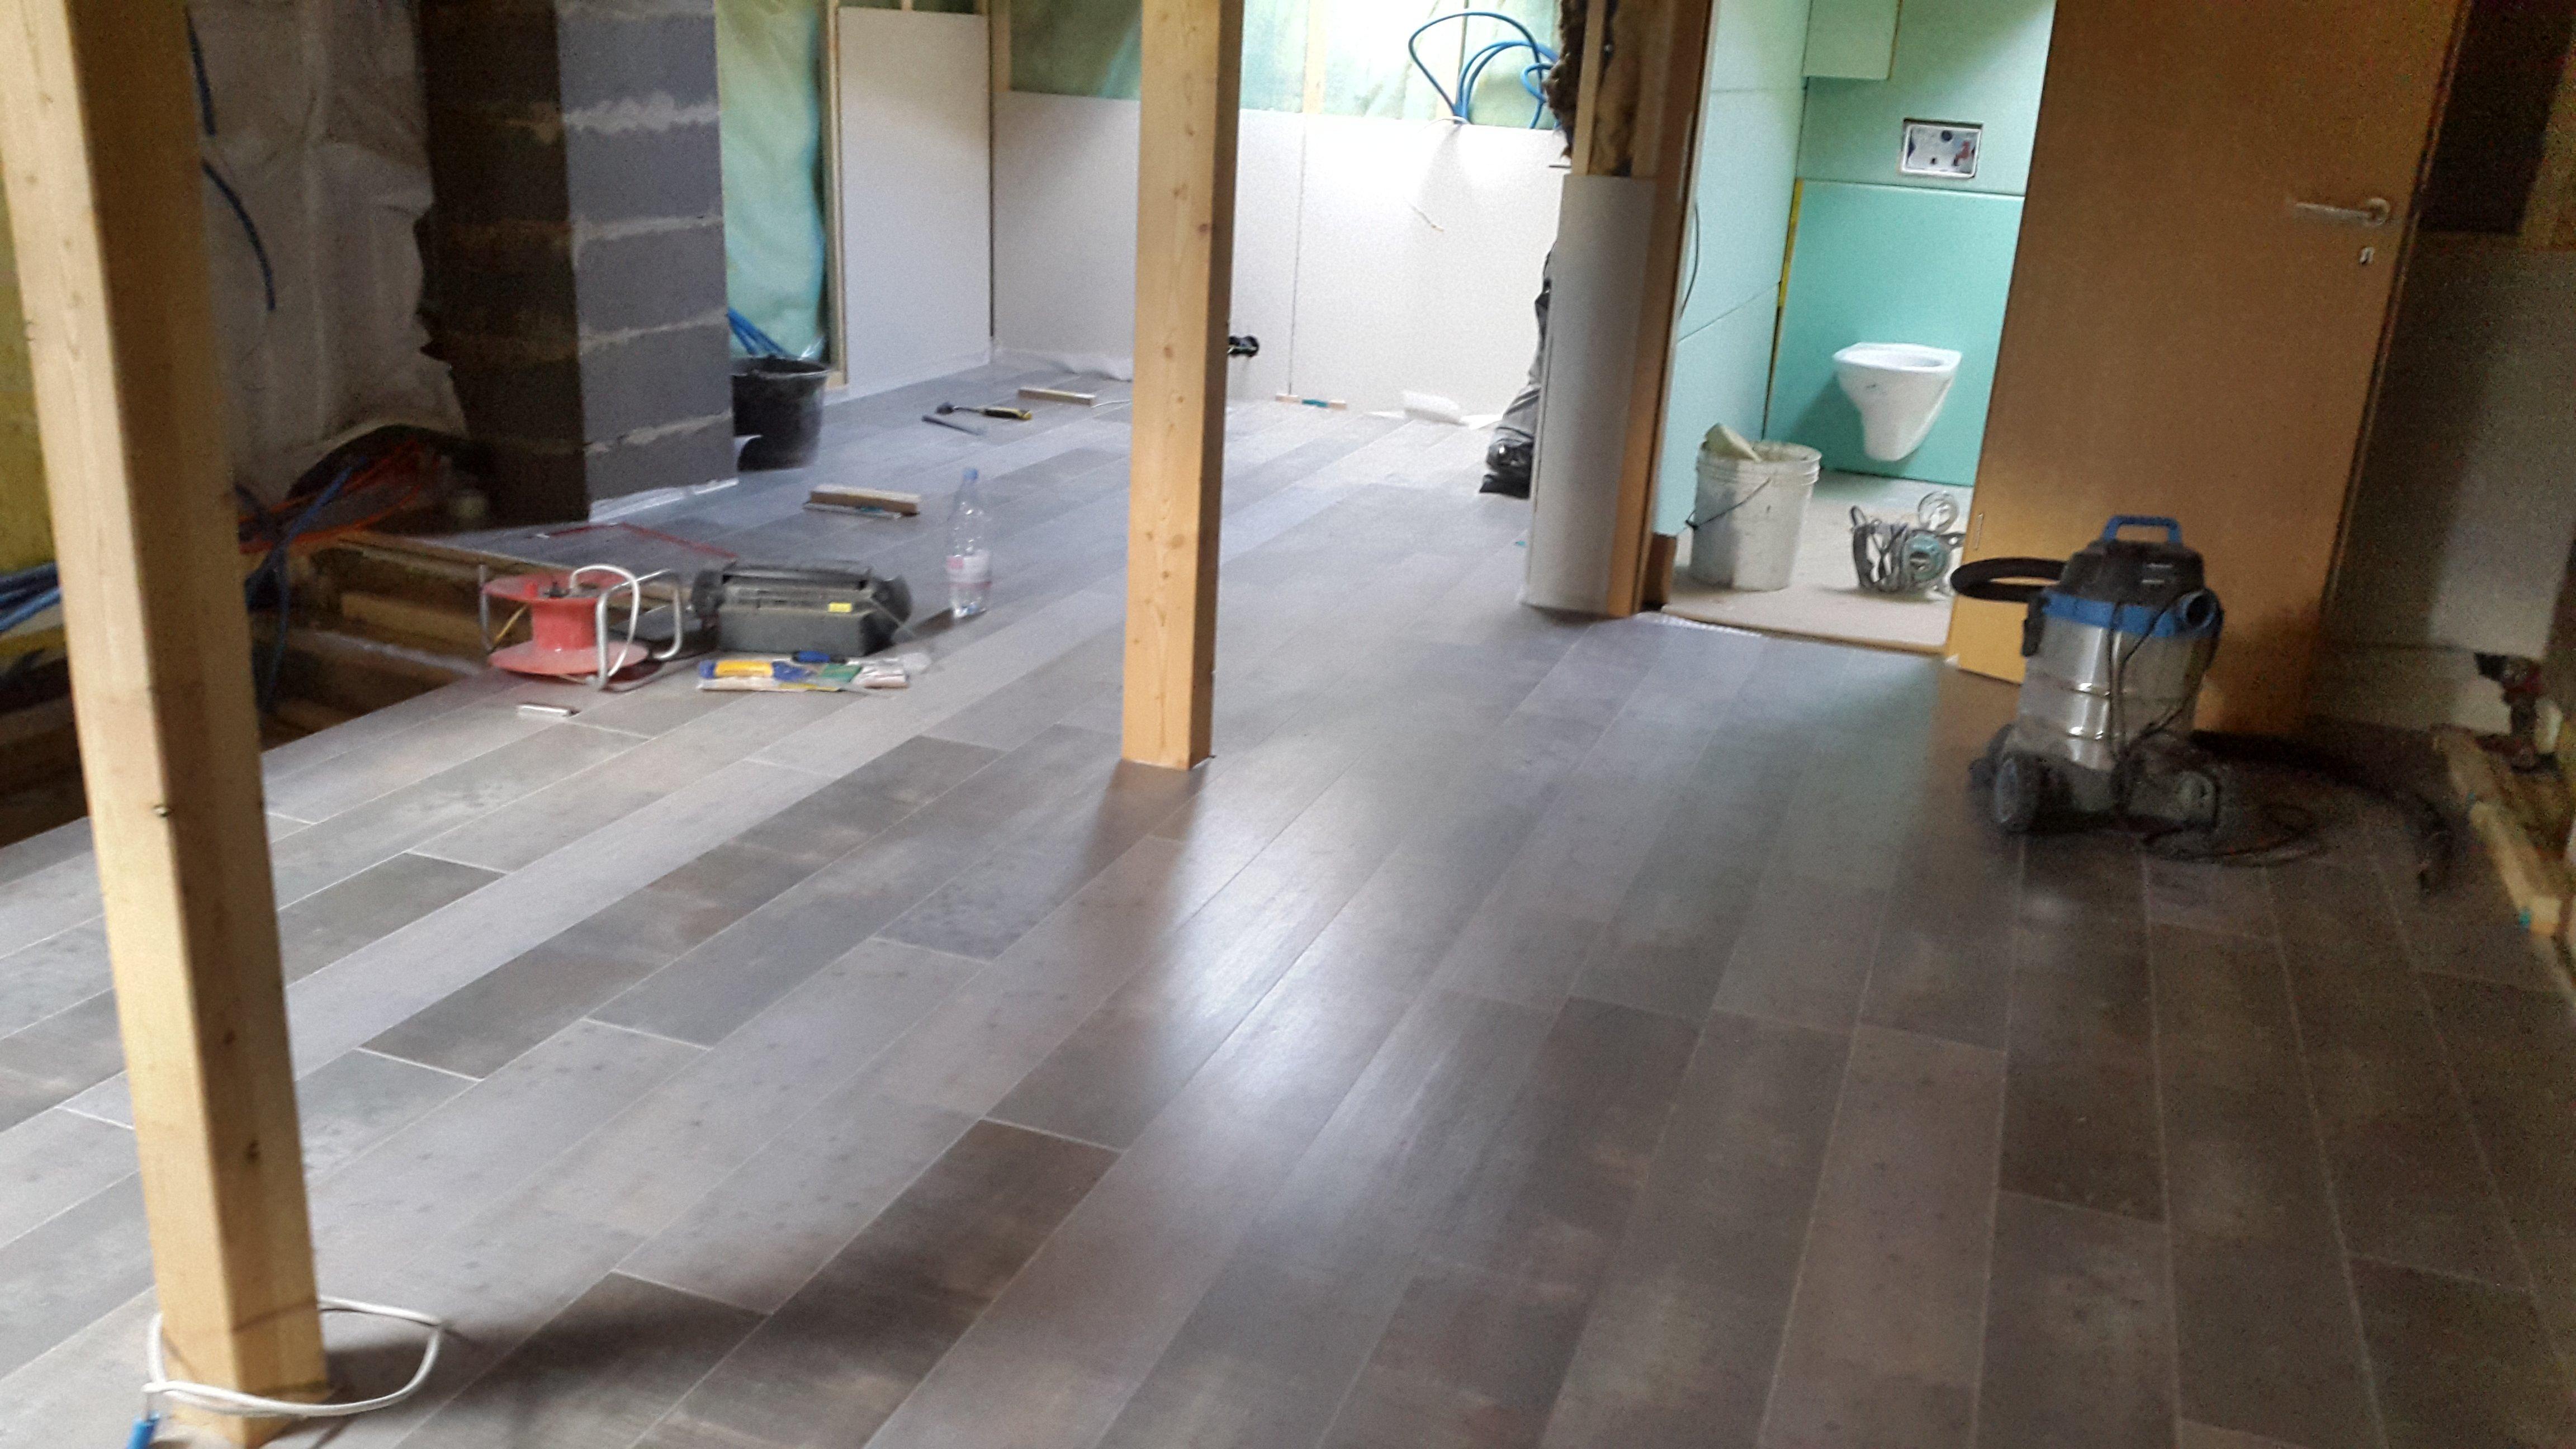 Rénovation Dune Maison De Parquet Fini Carrelage Commencé - Carrelage j